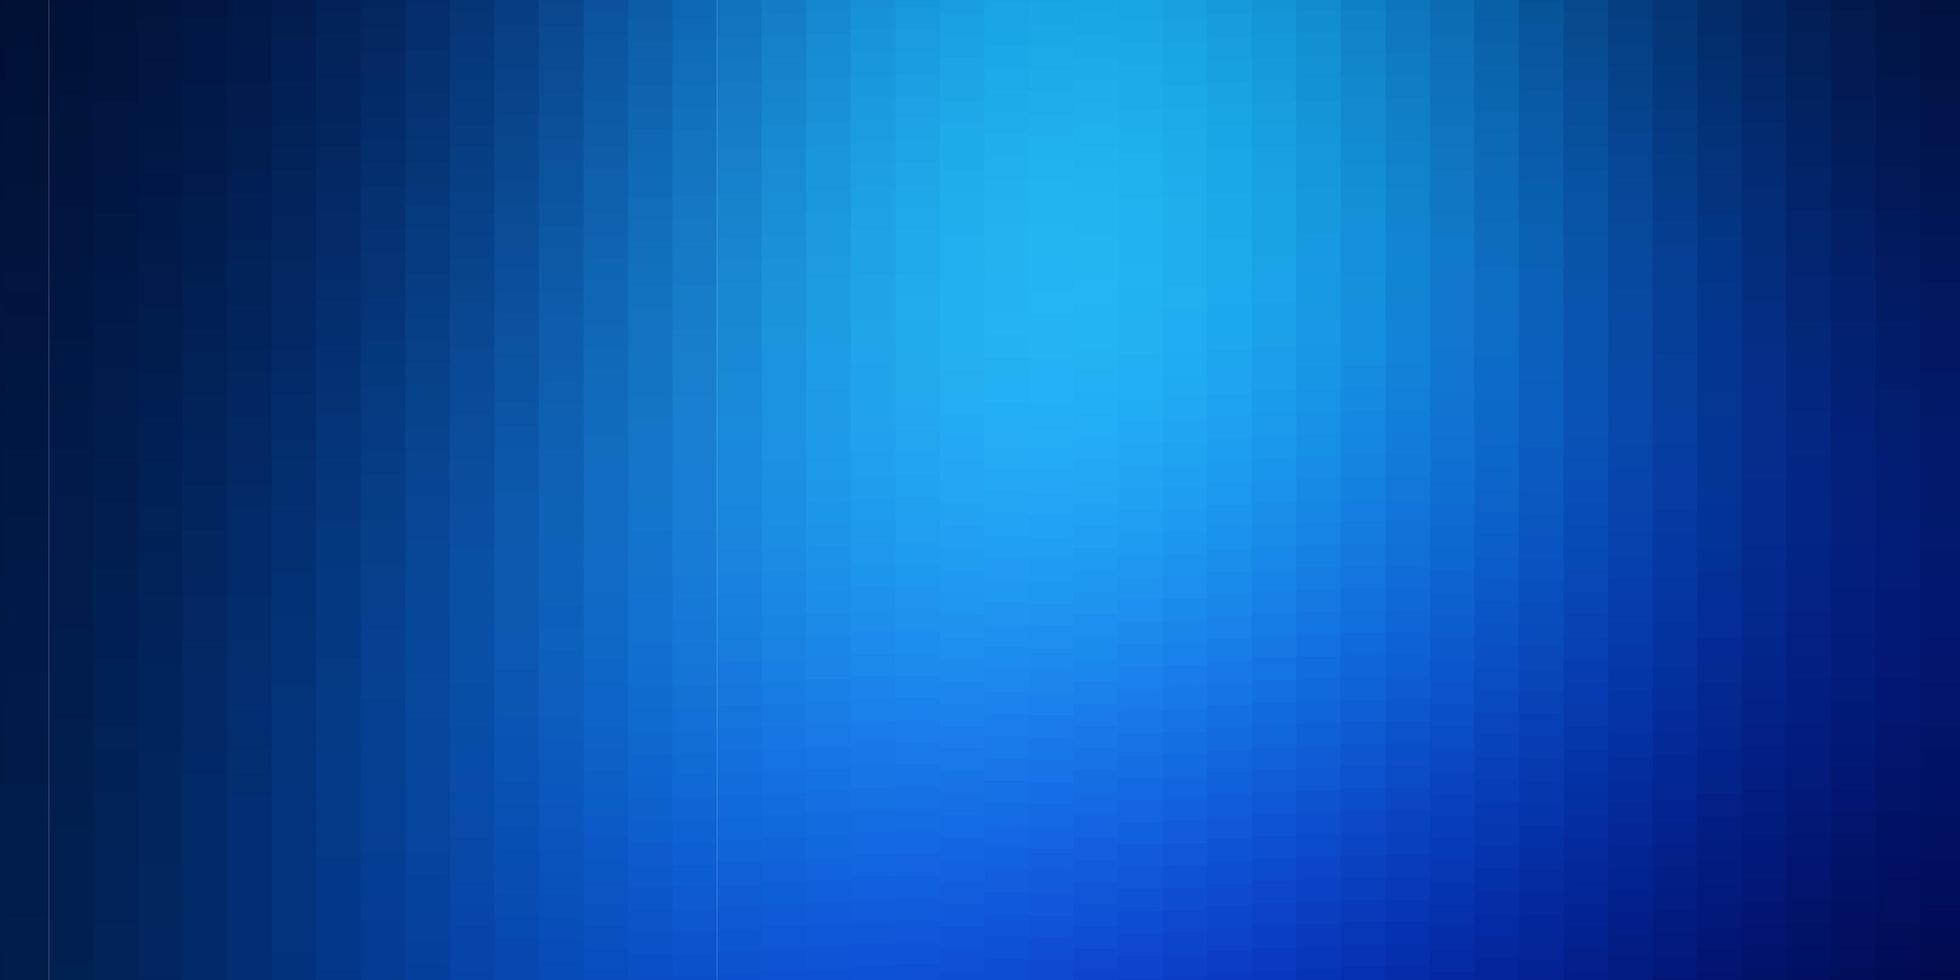 ljusblå vektor mönster i fyrkantig stil.